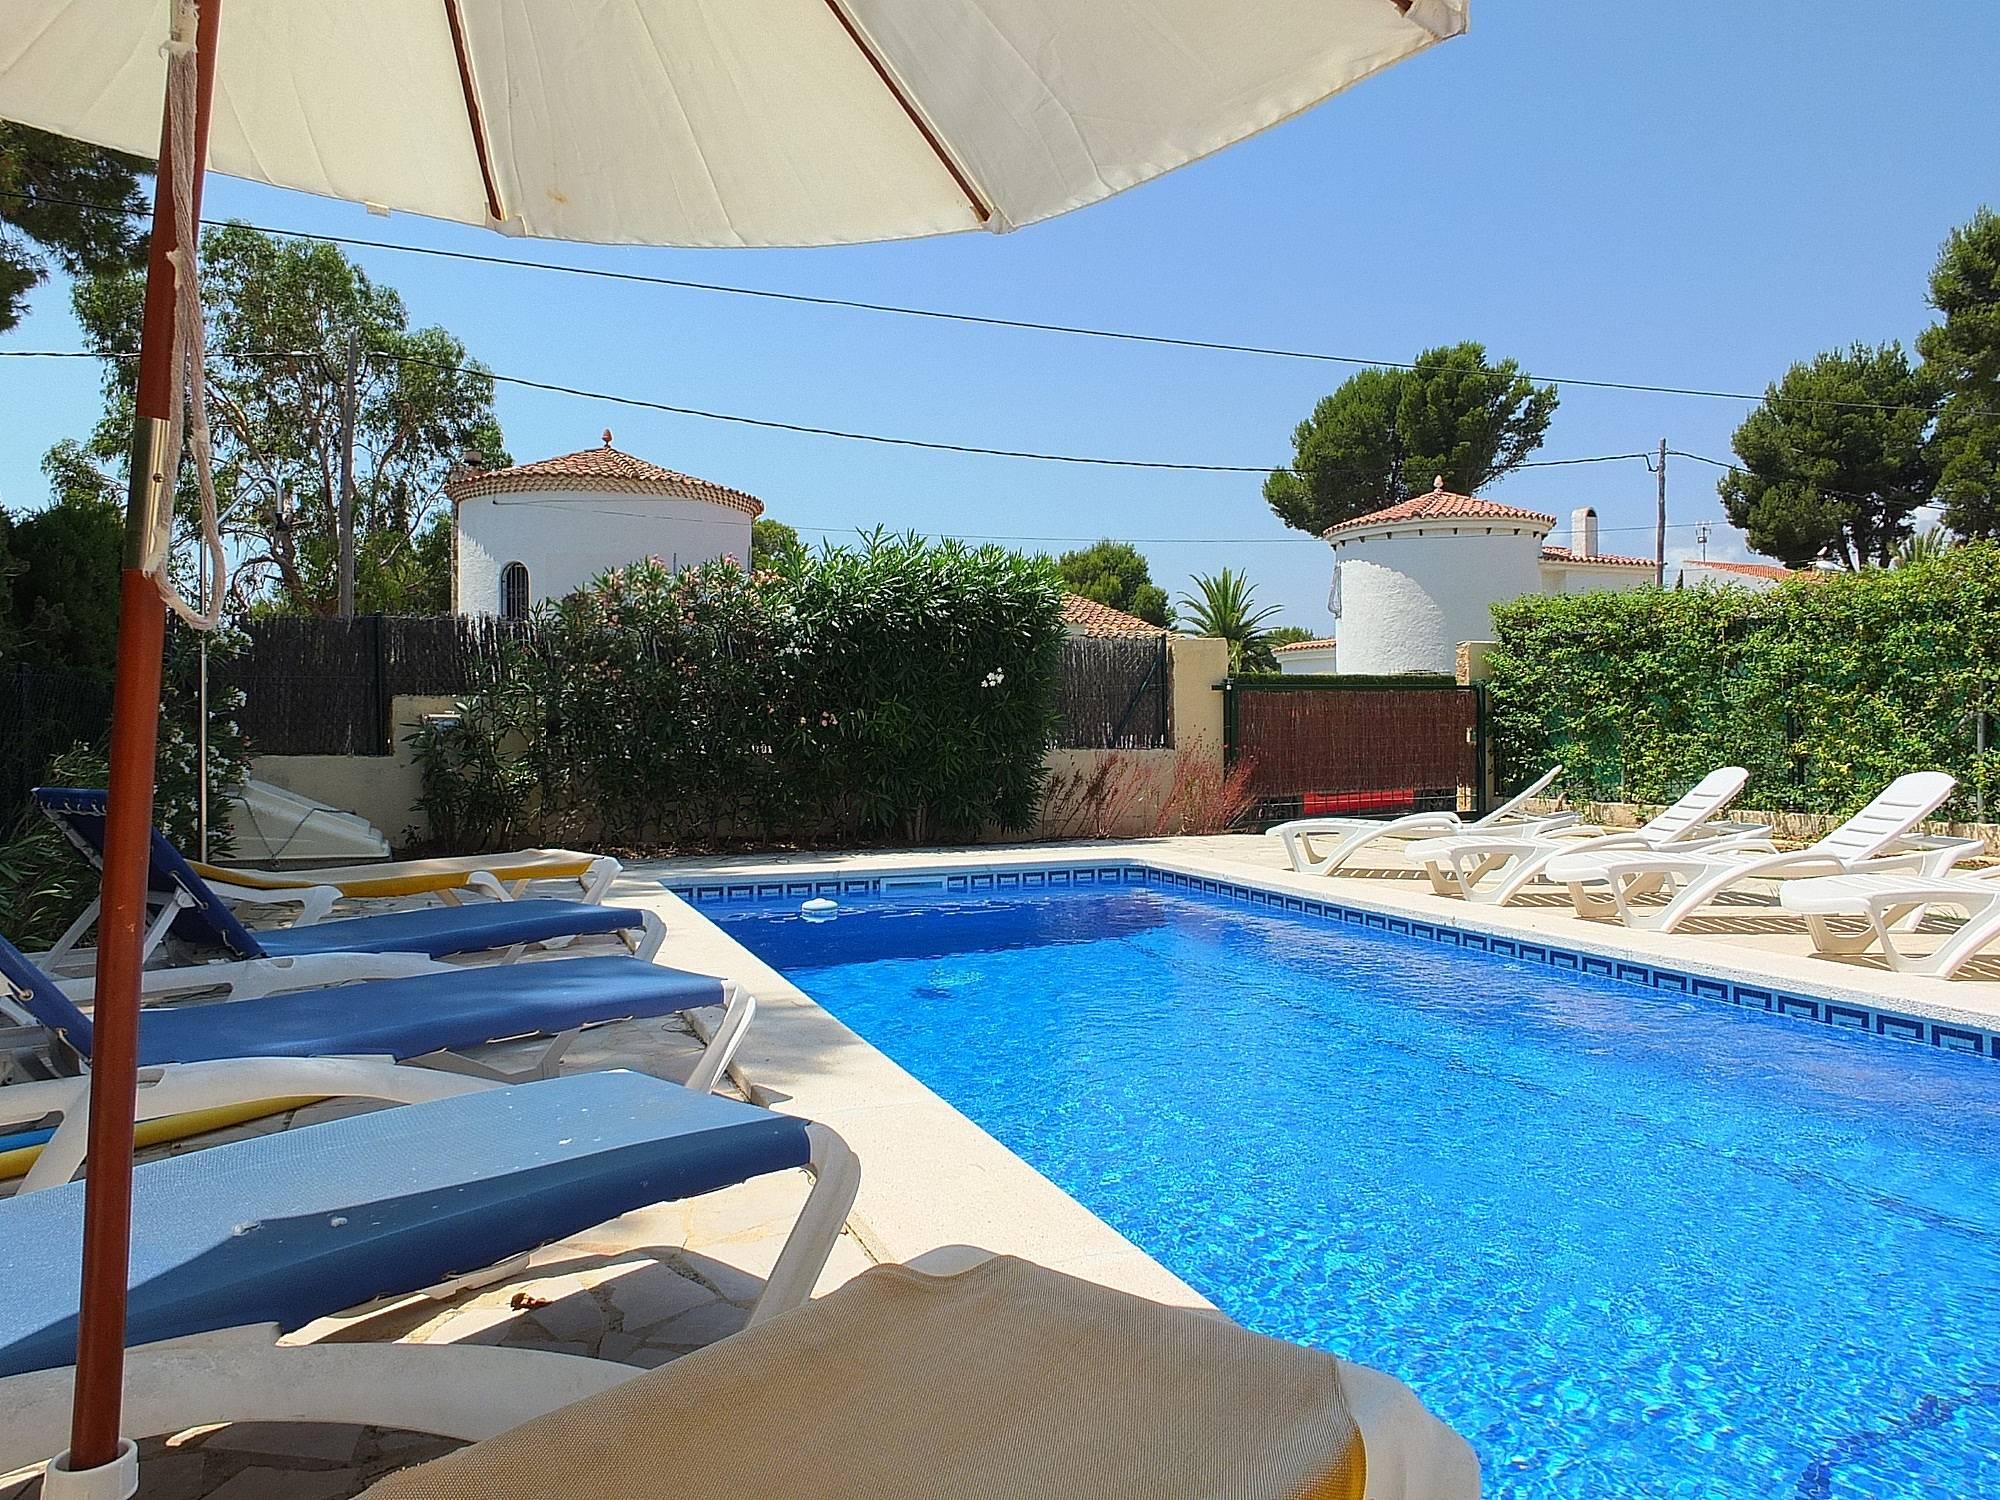 Casa en alquiler a 400 m de la playa tres calas l - Alquiler casas vacacionales costa dorada ...